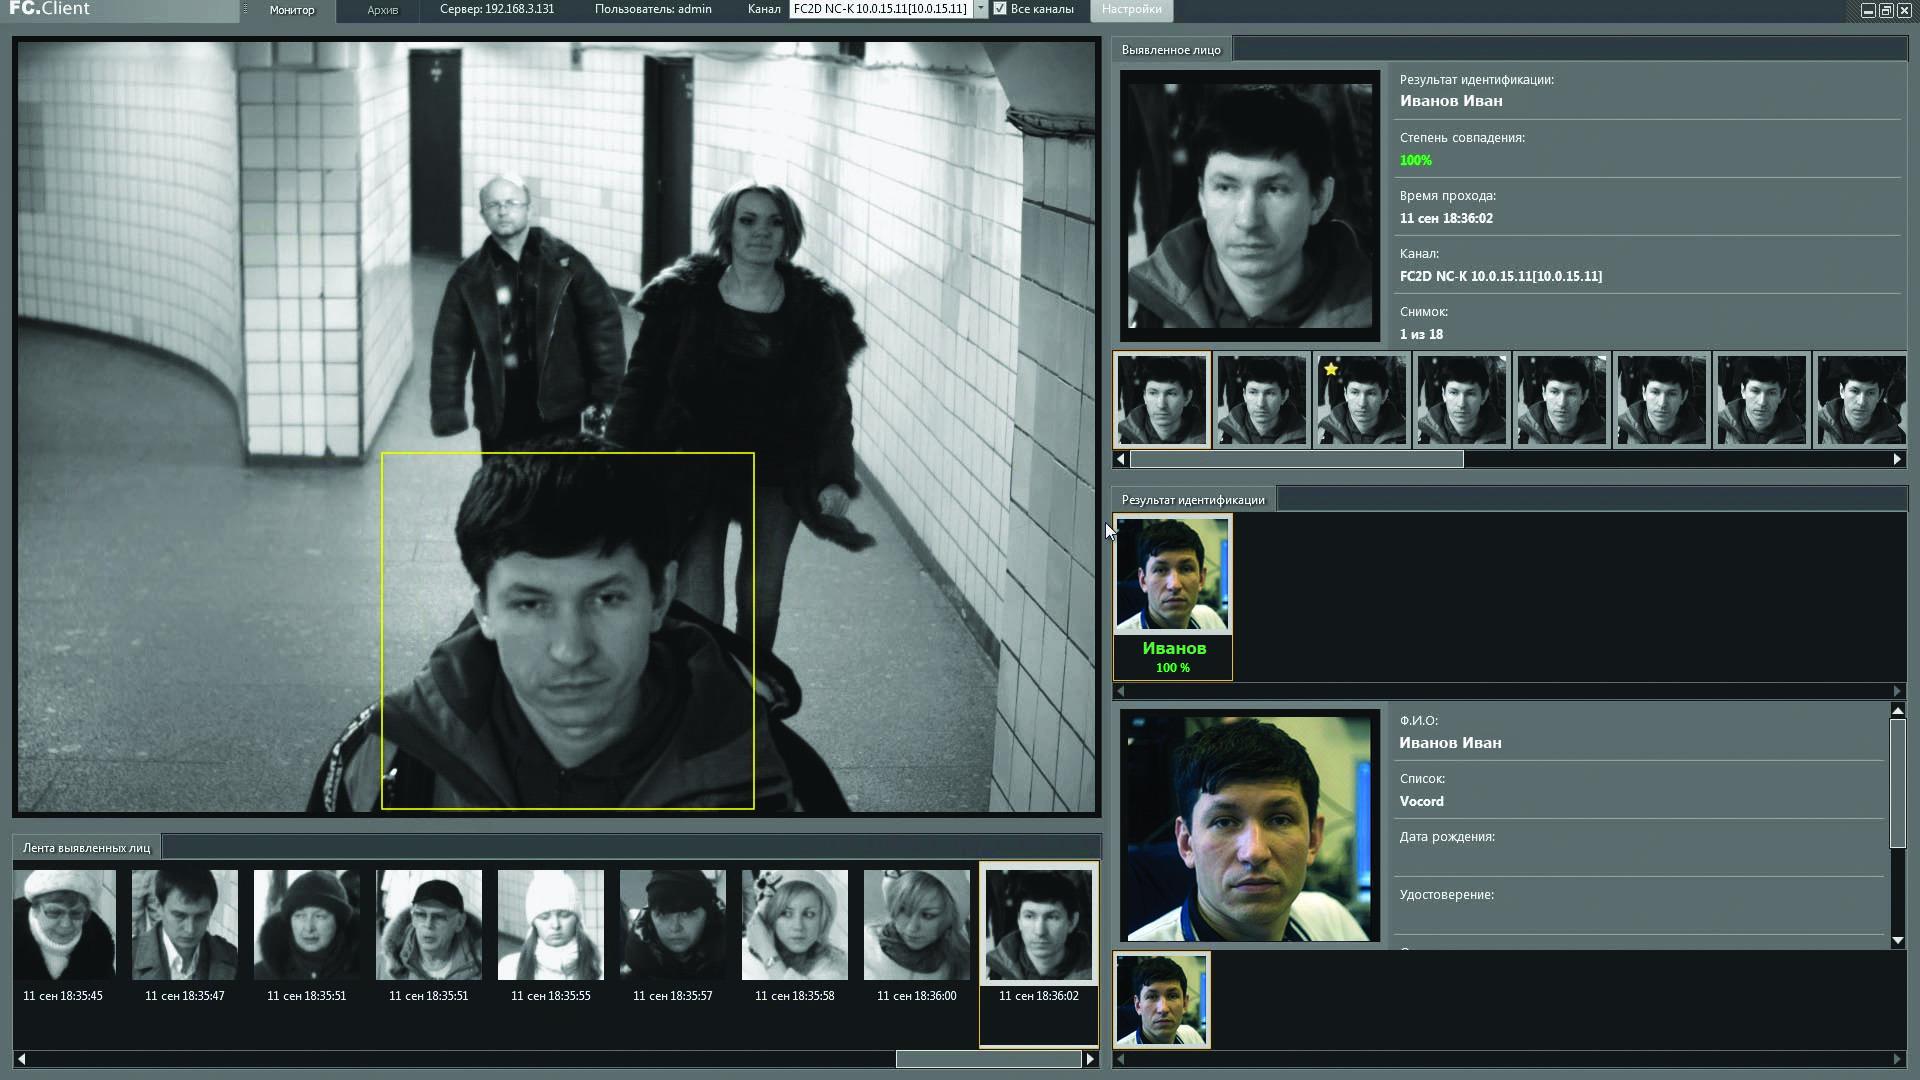 В России камера обнаружила подозреваемого, приспустившего медицинскую маску в метро